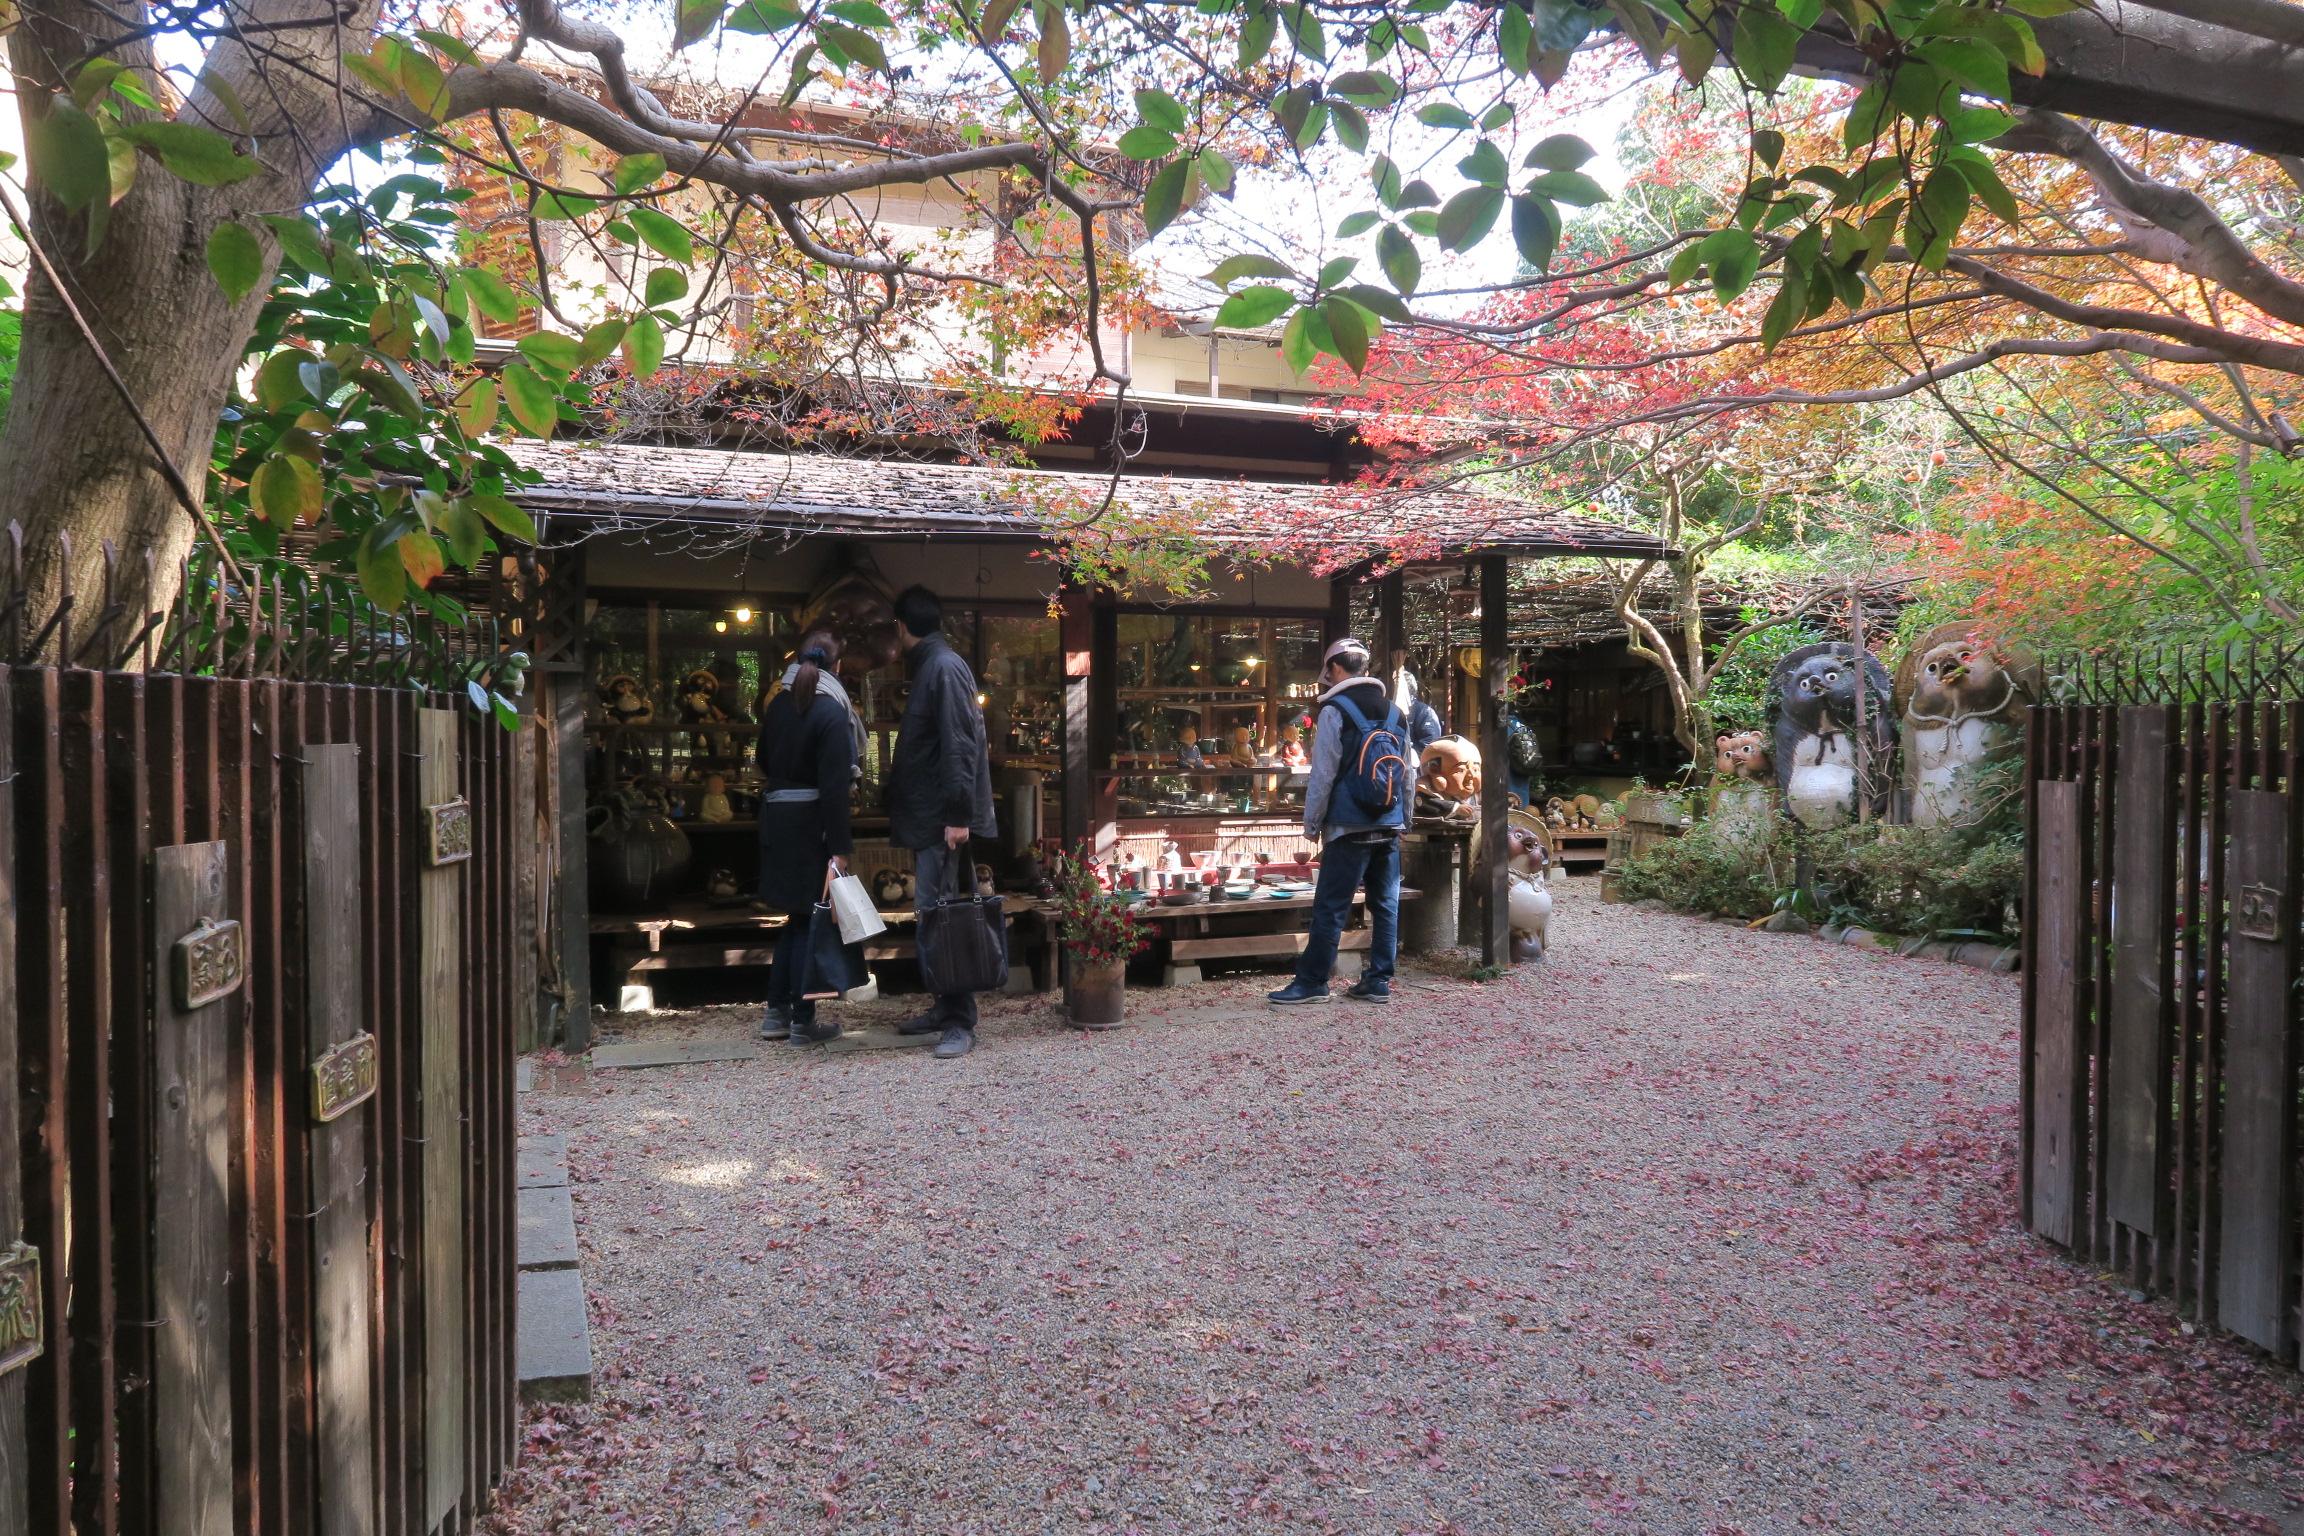 常寂光寺から祇王寺の途中にある小陶苑。素朴な焼き物が多く、人気のあるお店です。